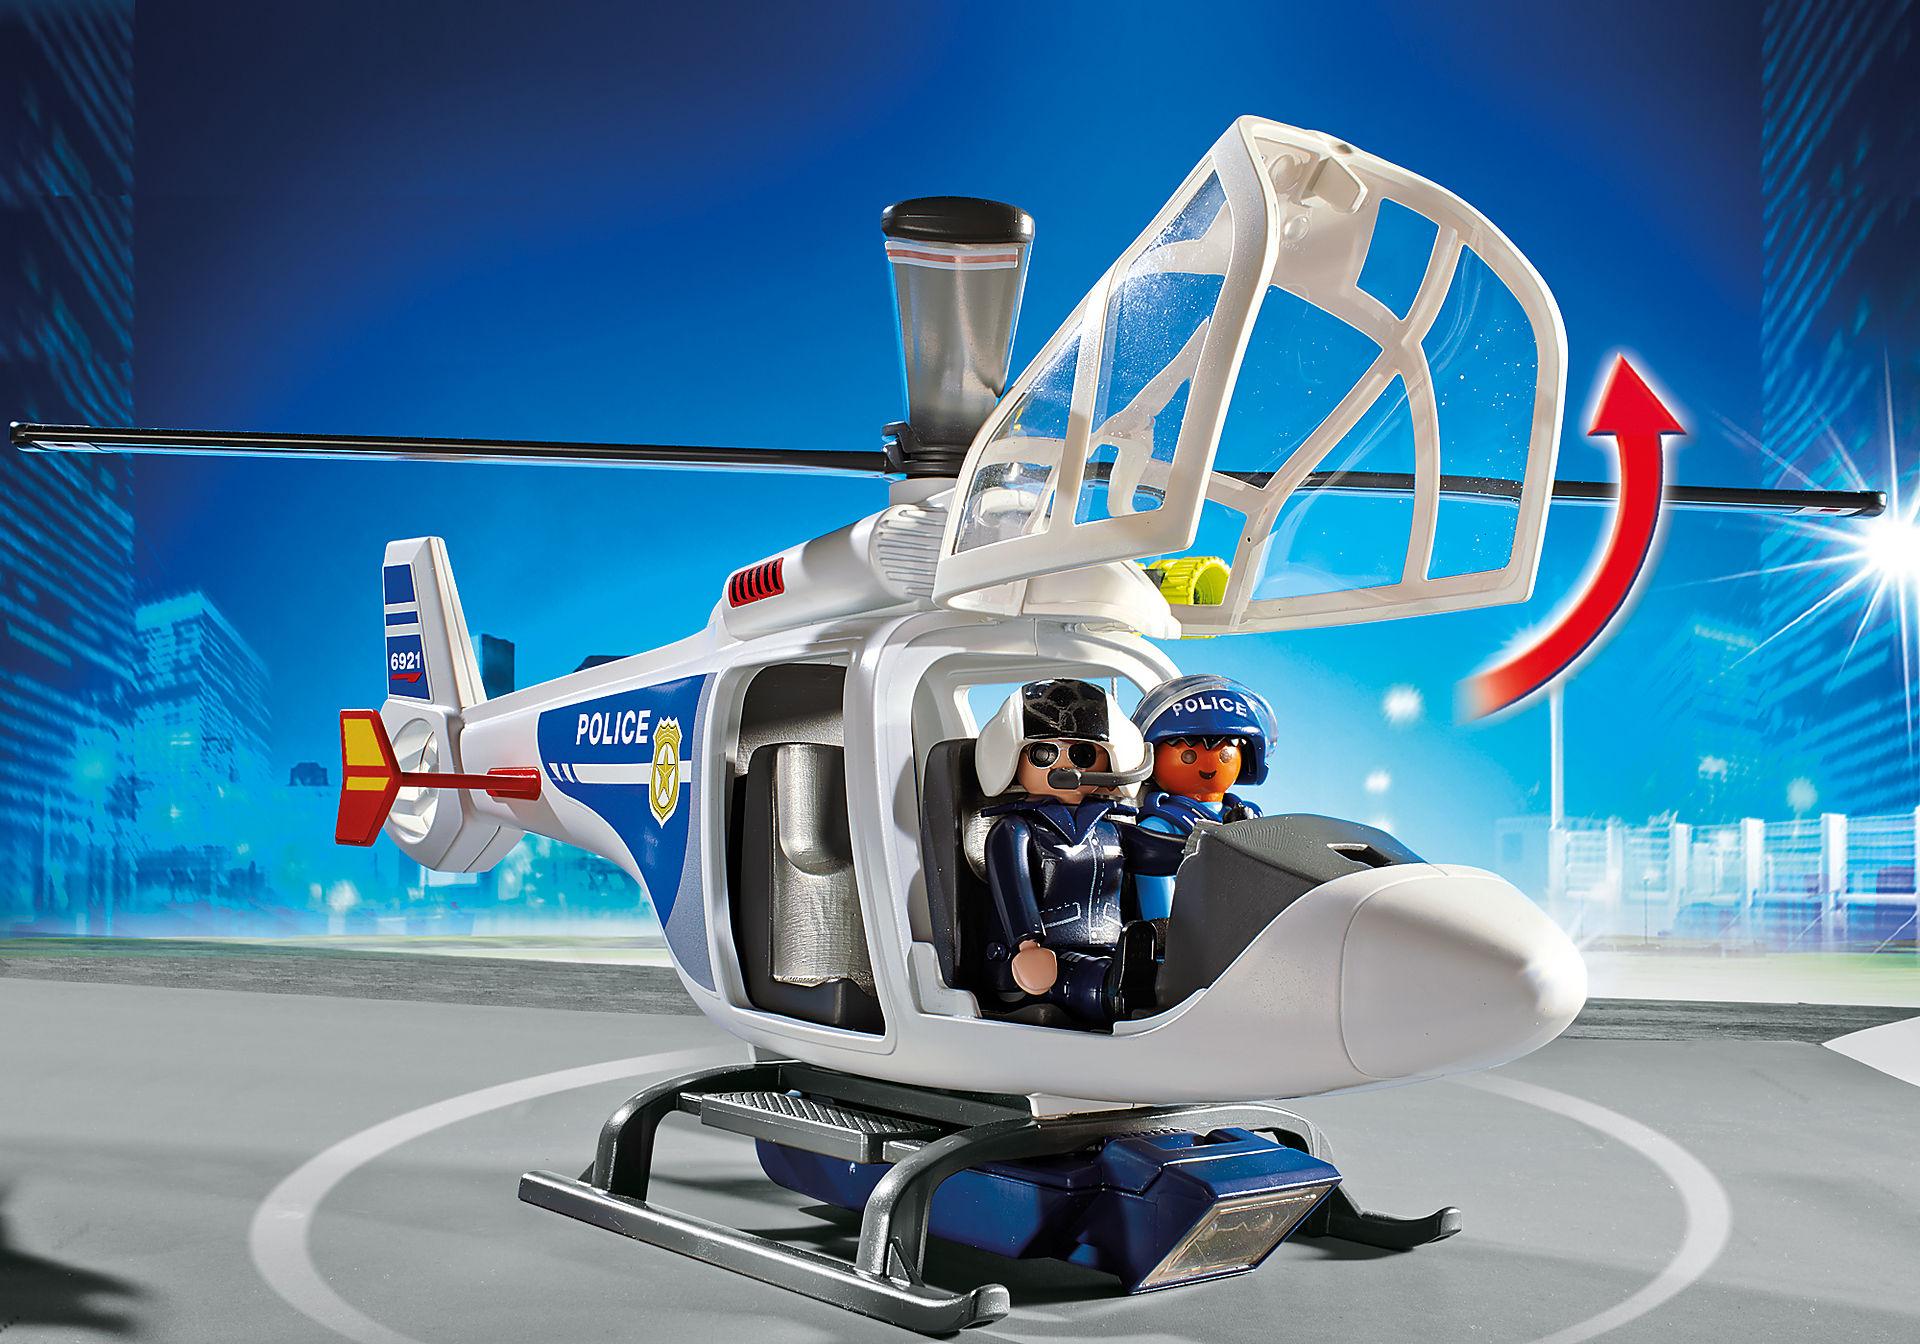 6921 Elicottero della polizia con luce di avvistamento zoom image4